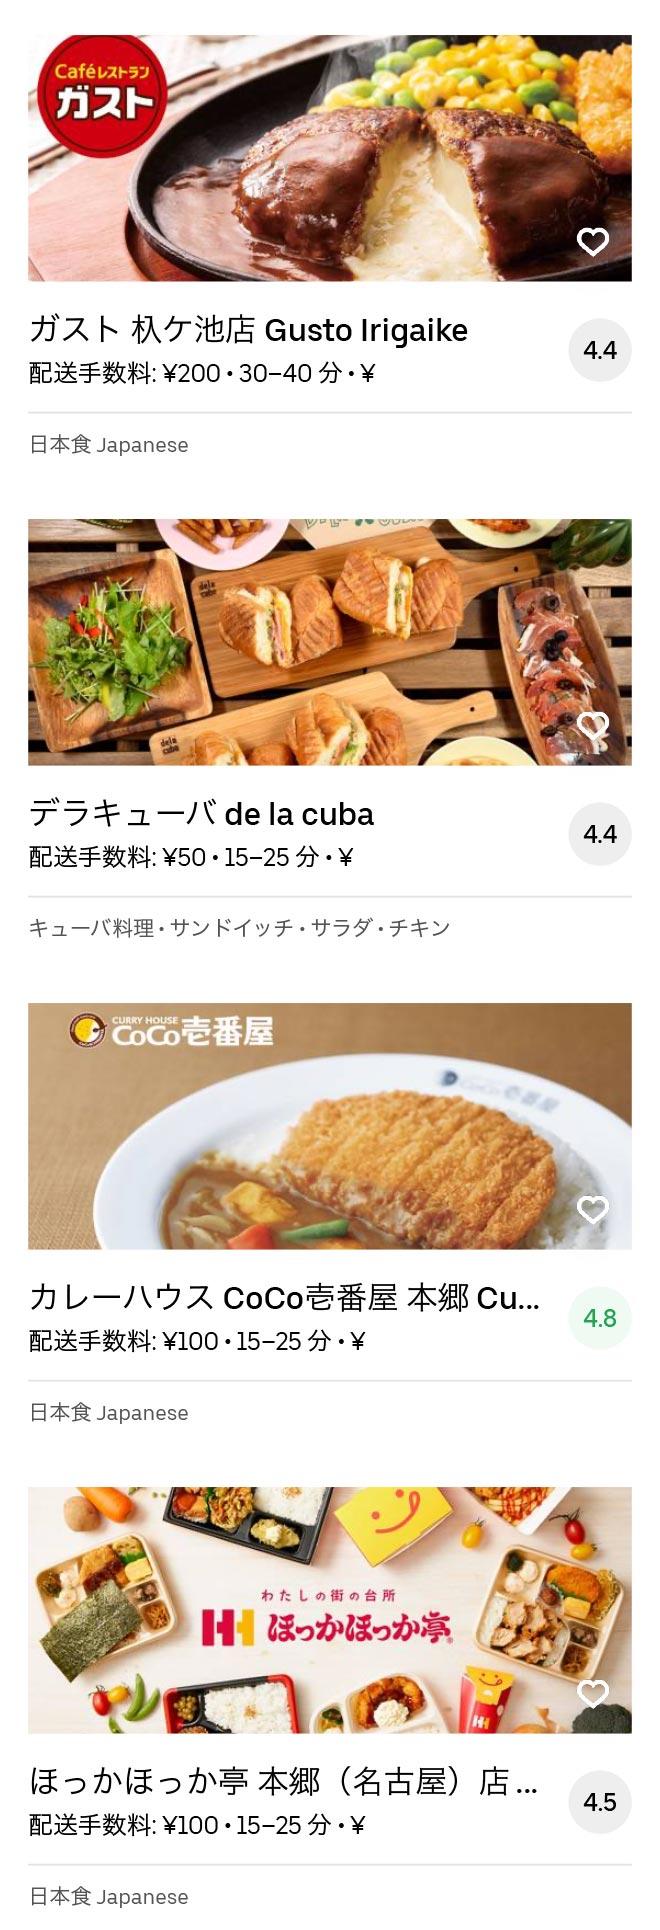 Nagoya fujigaoka menu 2005 03